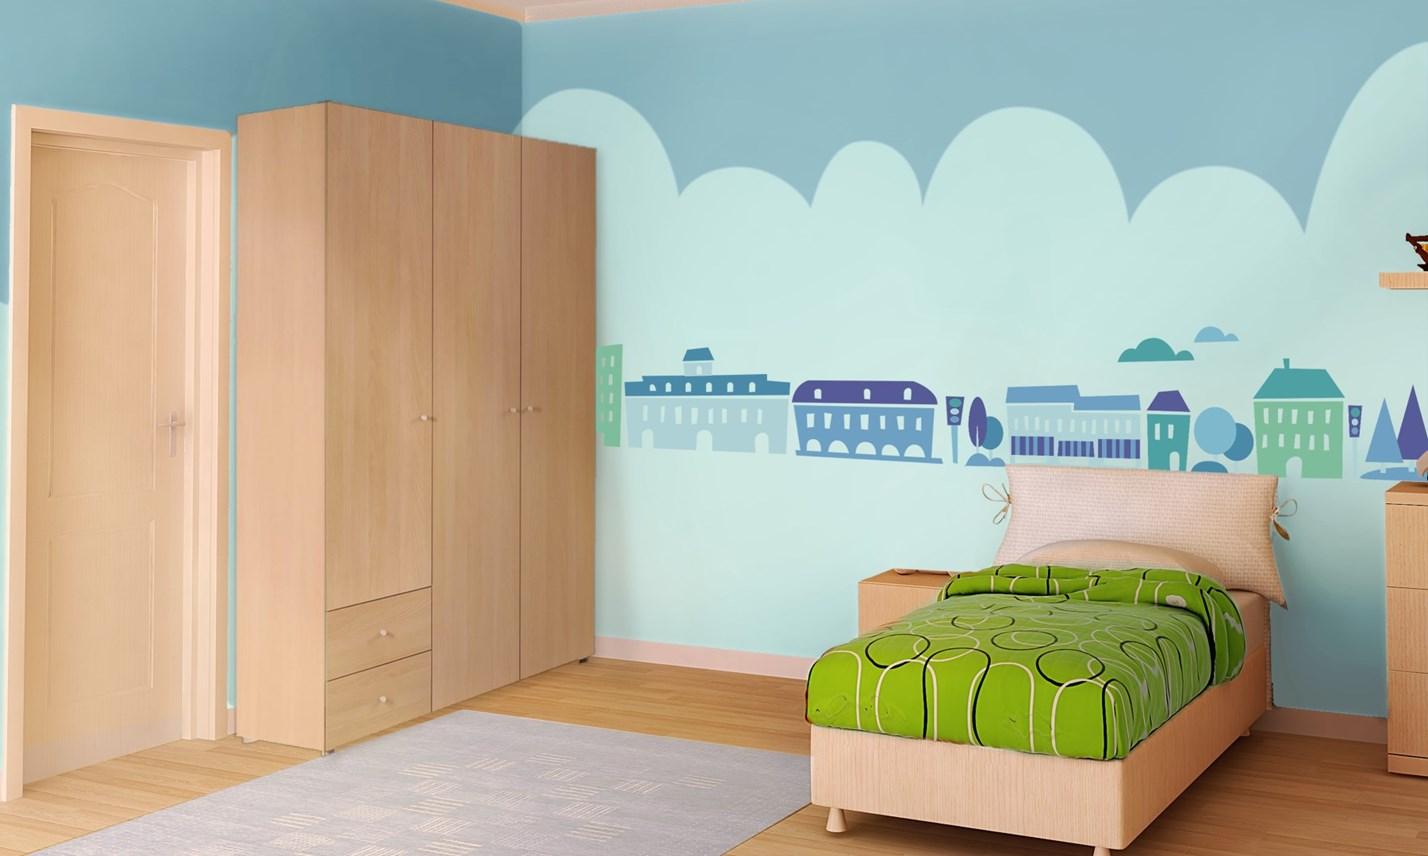 Decorazioni per pareti camerette gallery of decorazione - Decorazioni per camerette ...